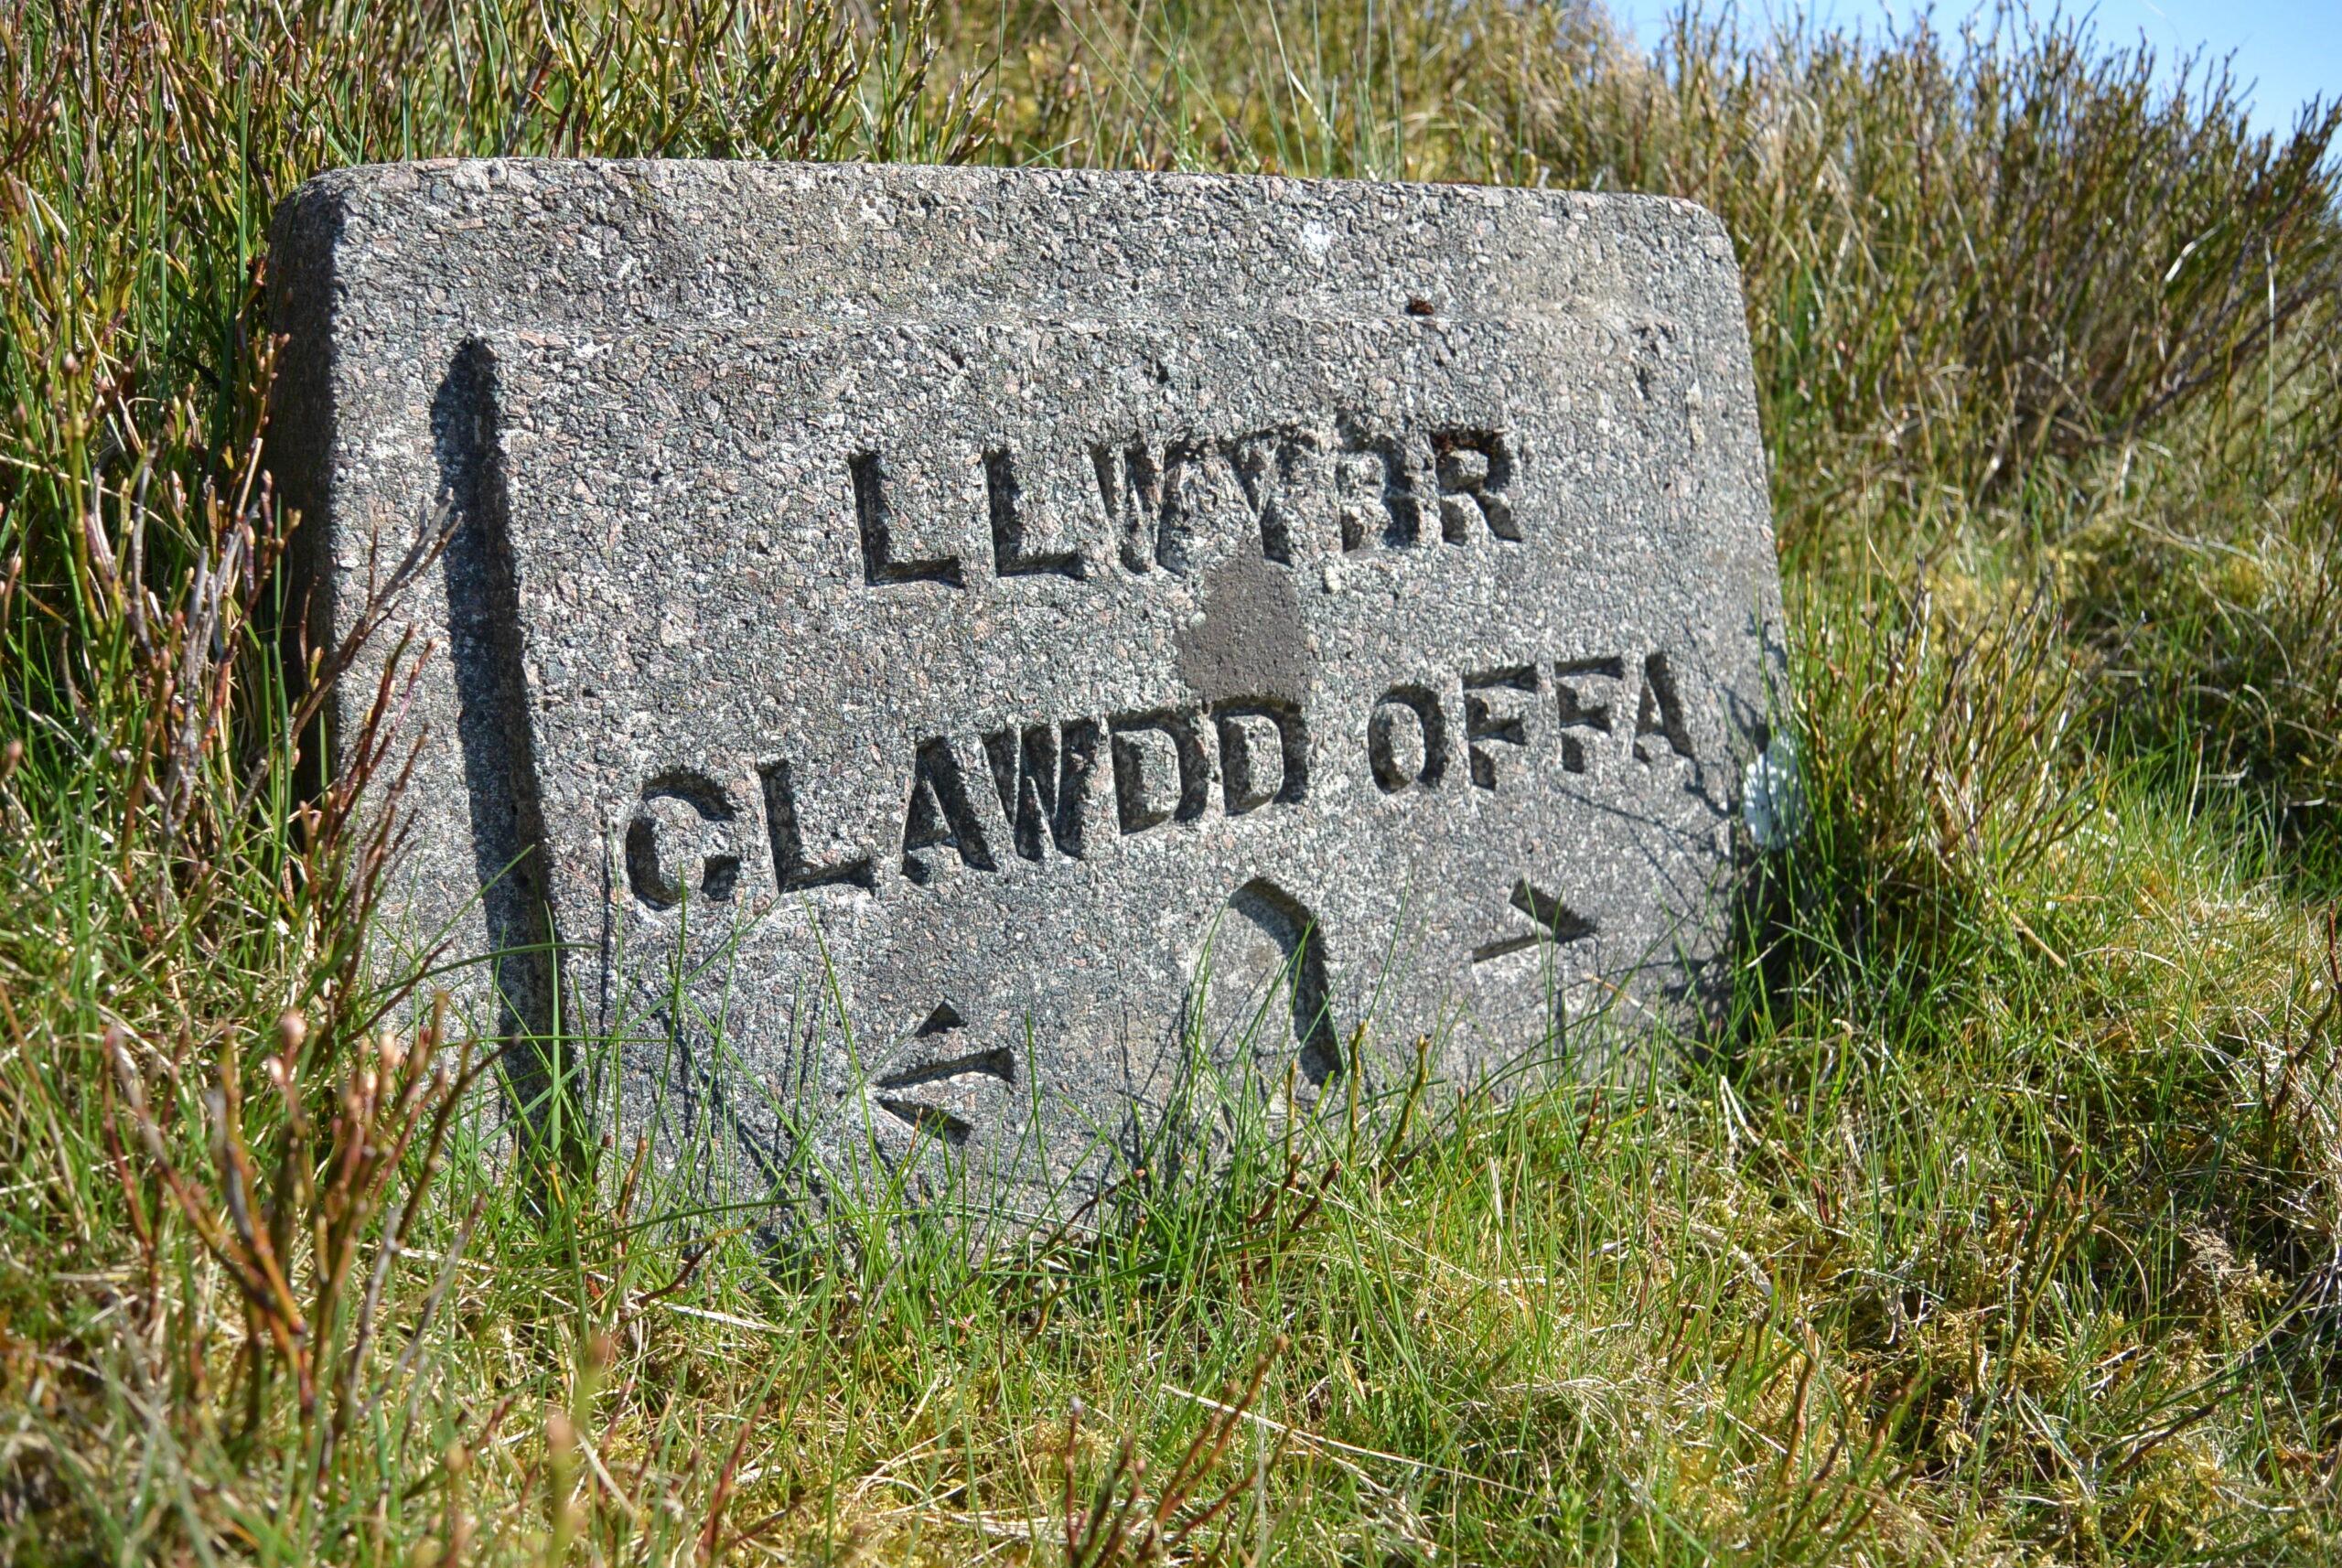 Arwydd-Llwybr-Clawdd-Offa_Offas-Dyke-Path-Sign